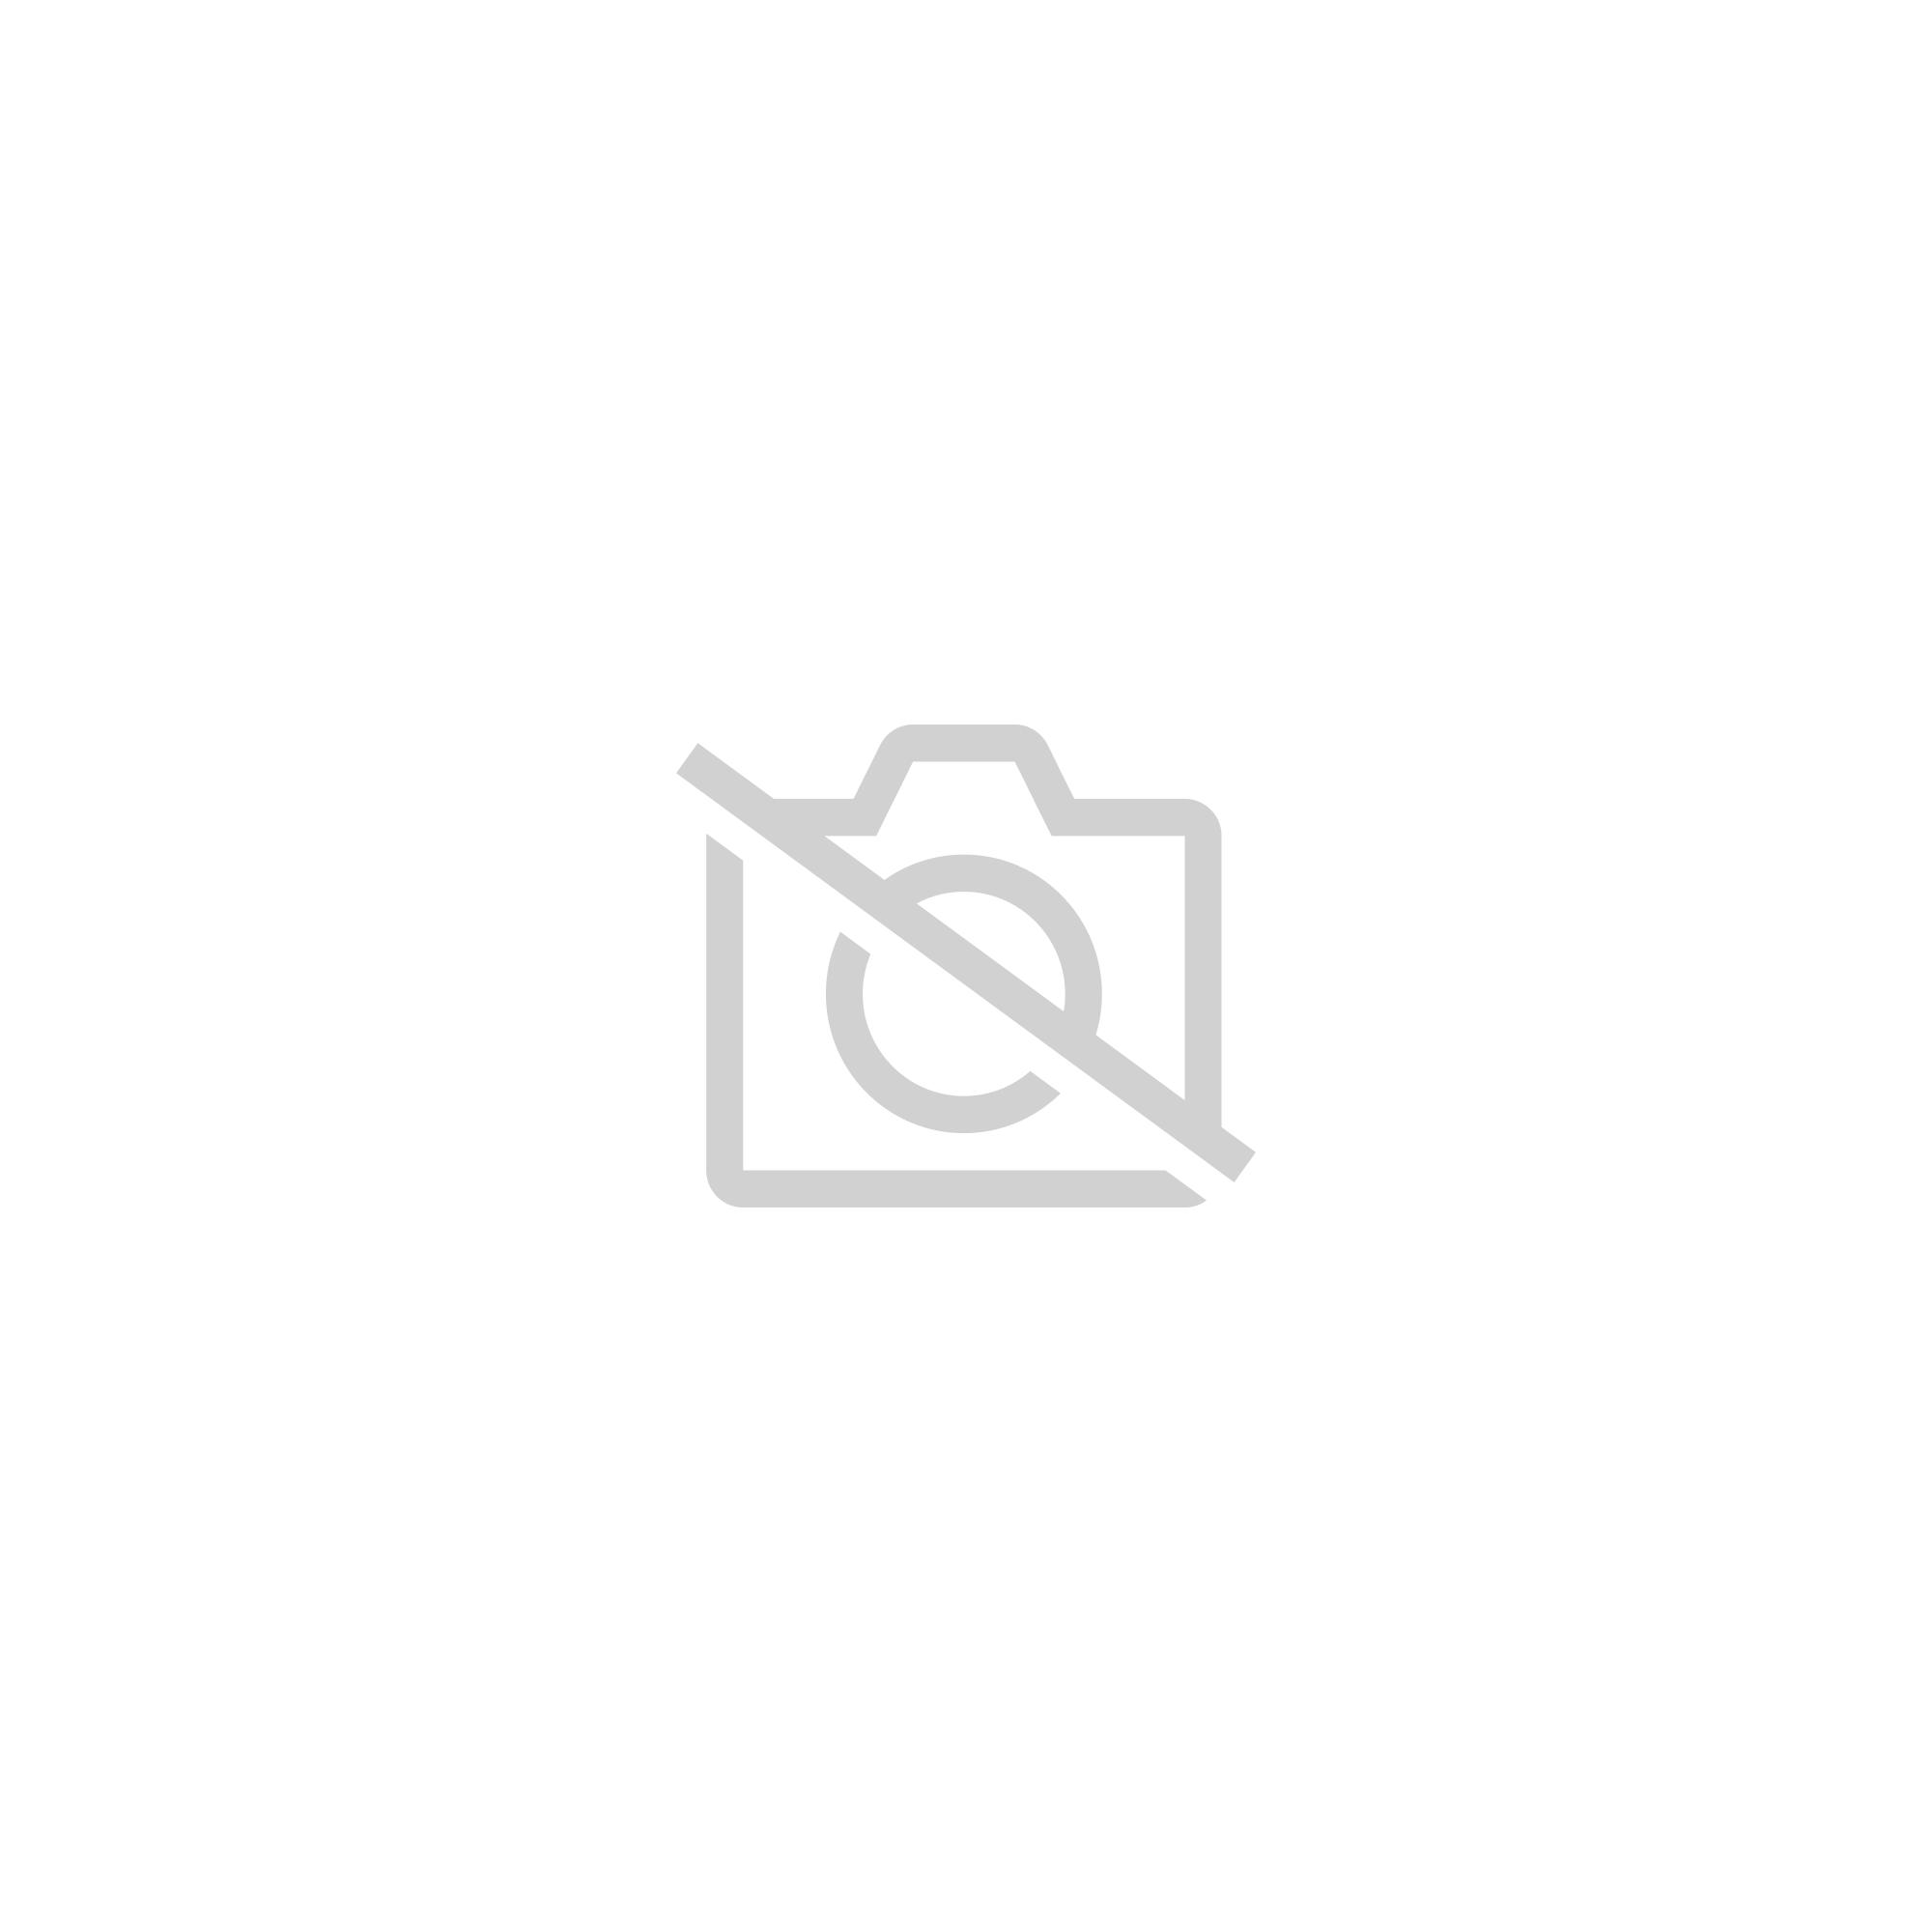 Hello Kitty Enfant Parure De Couette-Parure De Lit-1 Housse De Couette 140x 200 Cm + 1 Taie D'oreiller 48x74 Cm